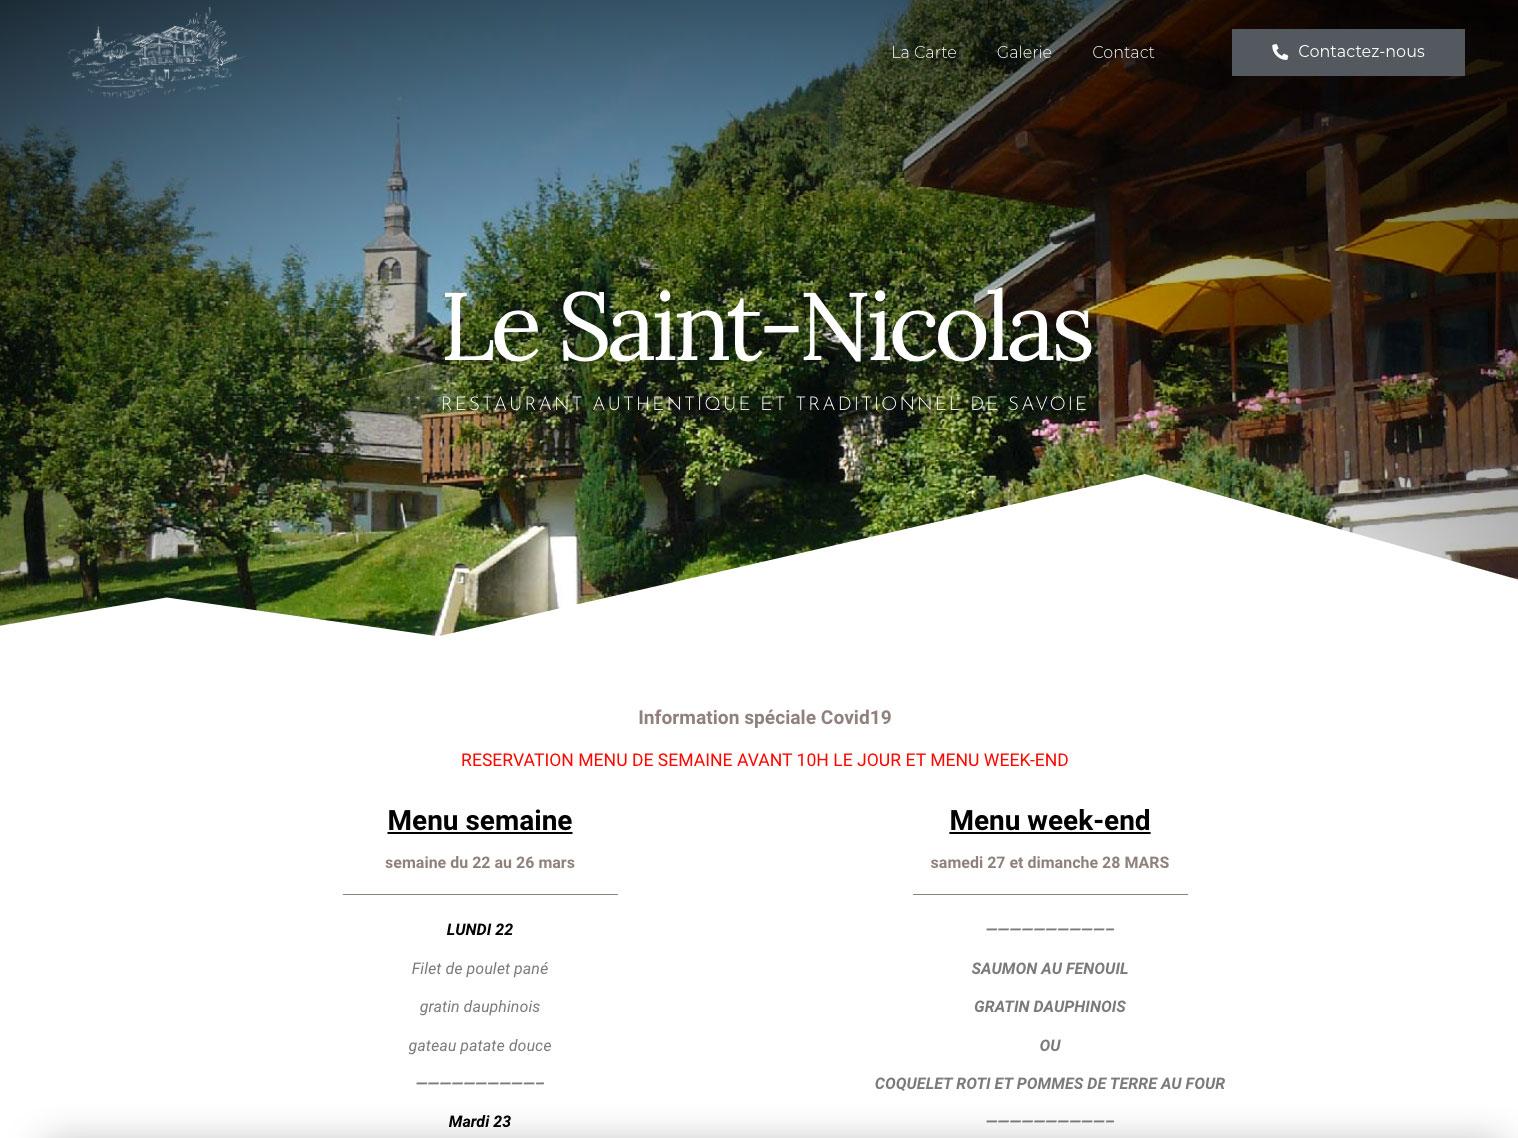 Restaurant Le Saint Nicolas - Montrez qui vous êtes avec Grrrr